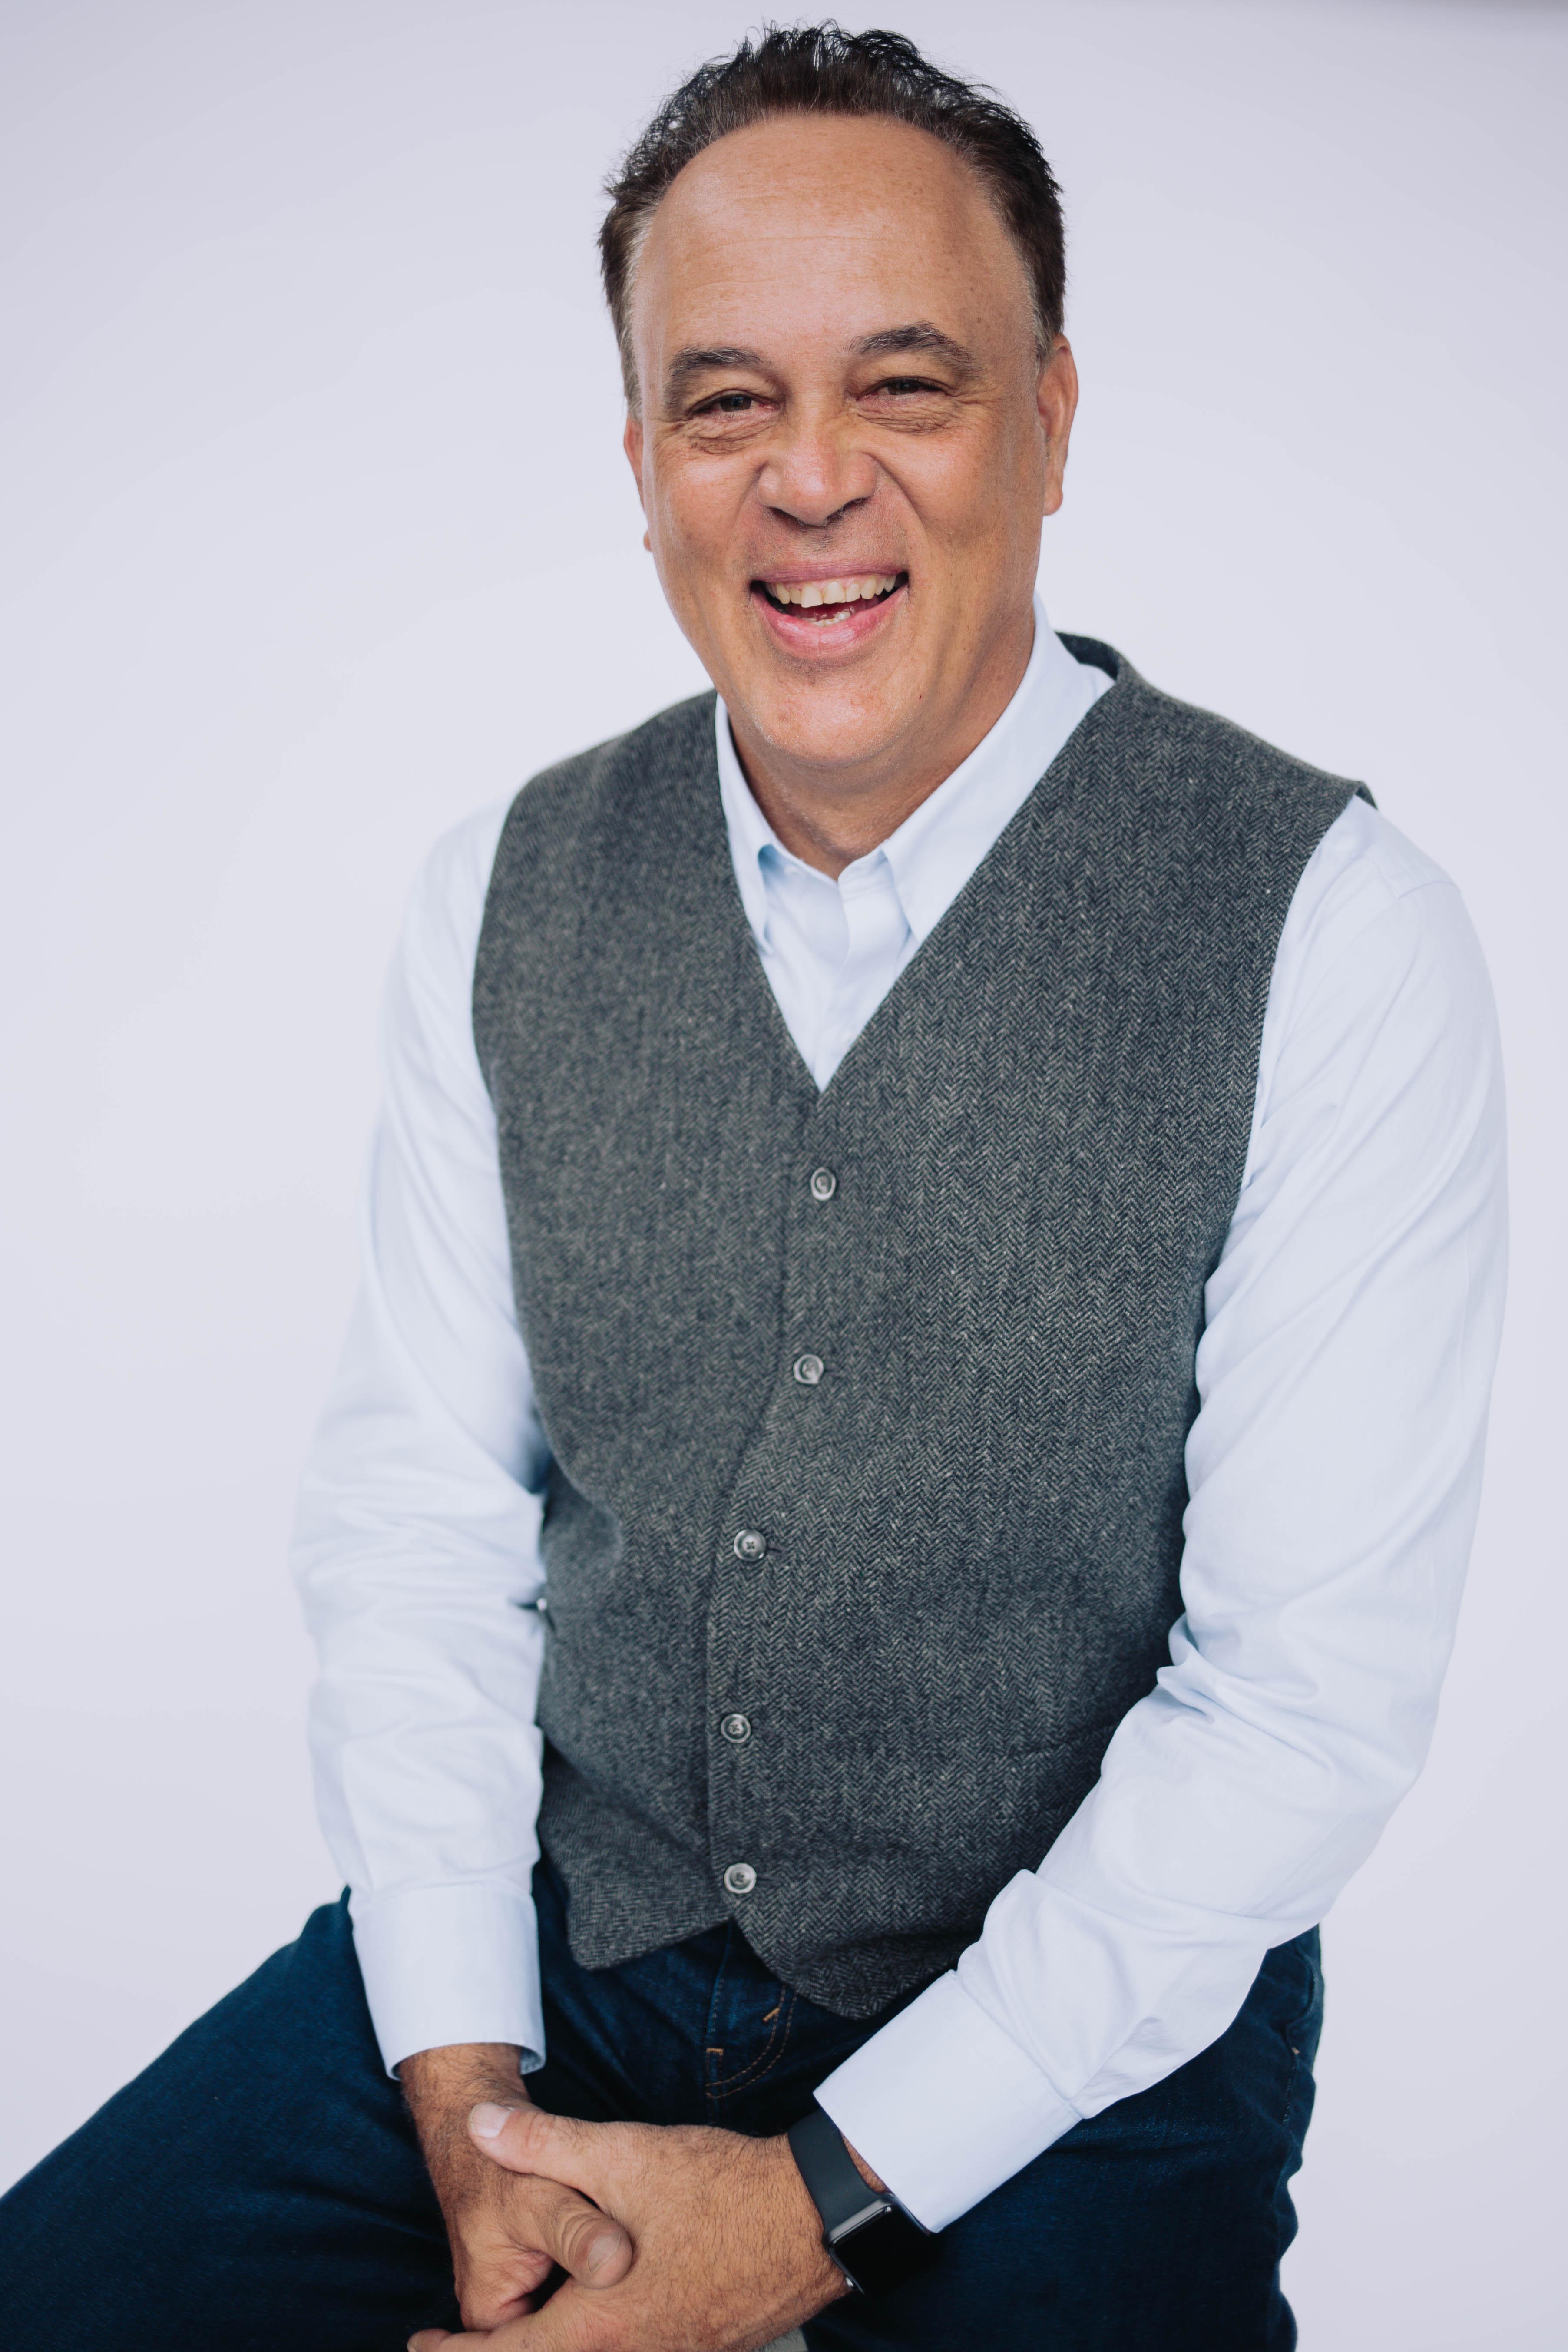 Bob Guaglione